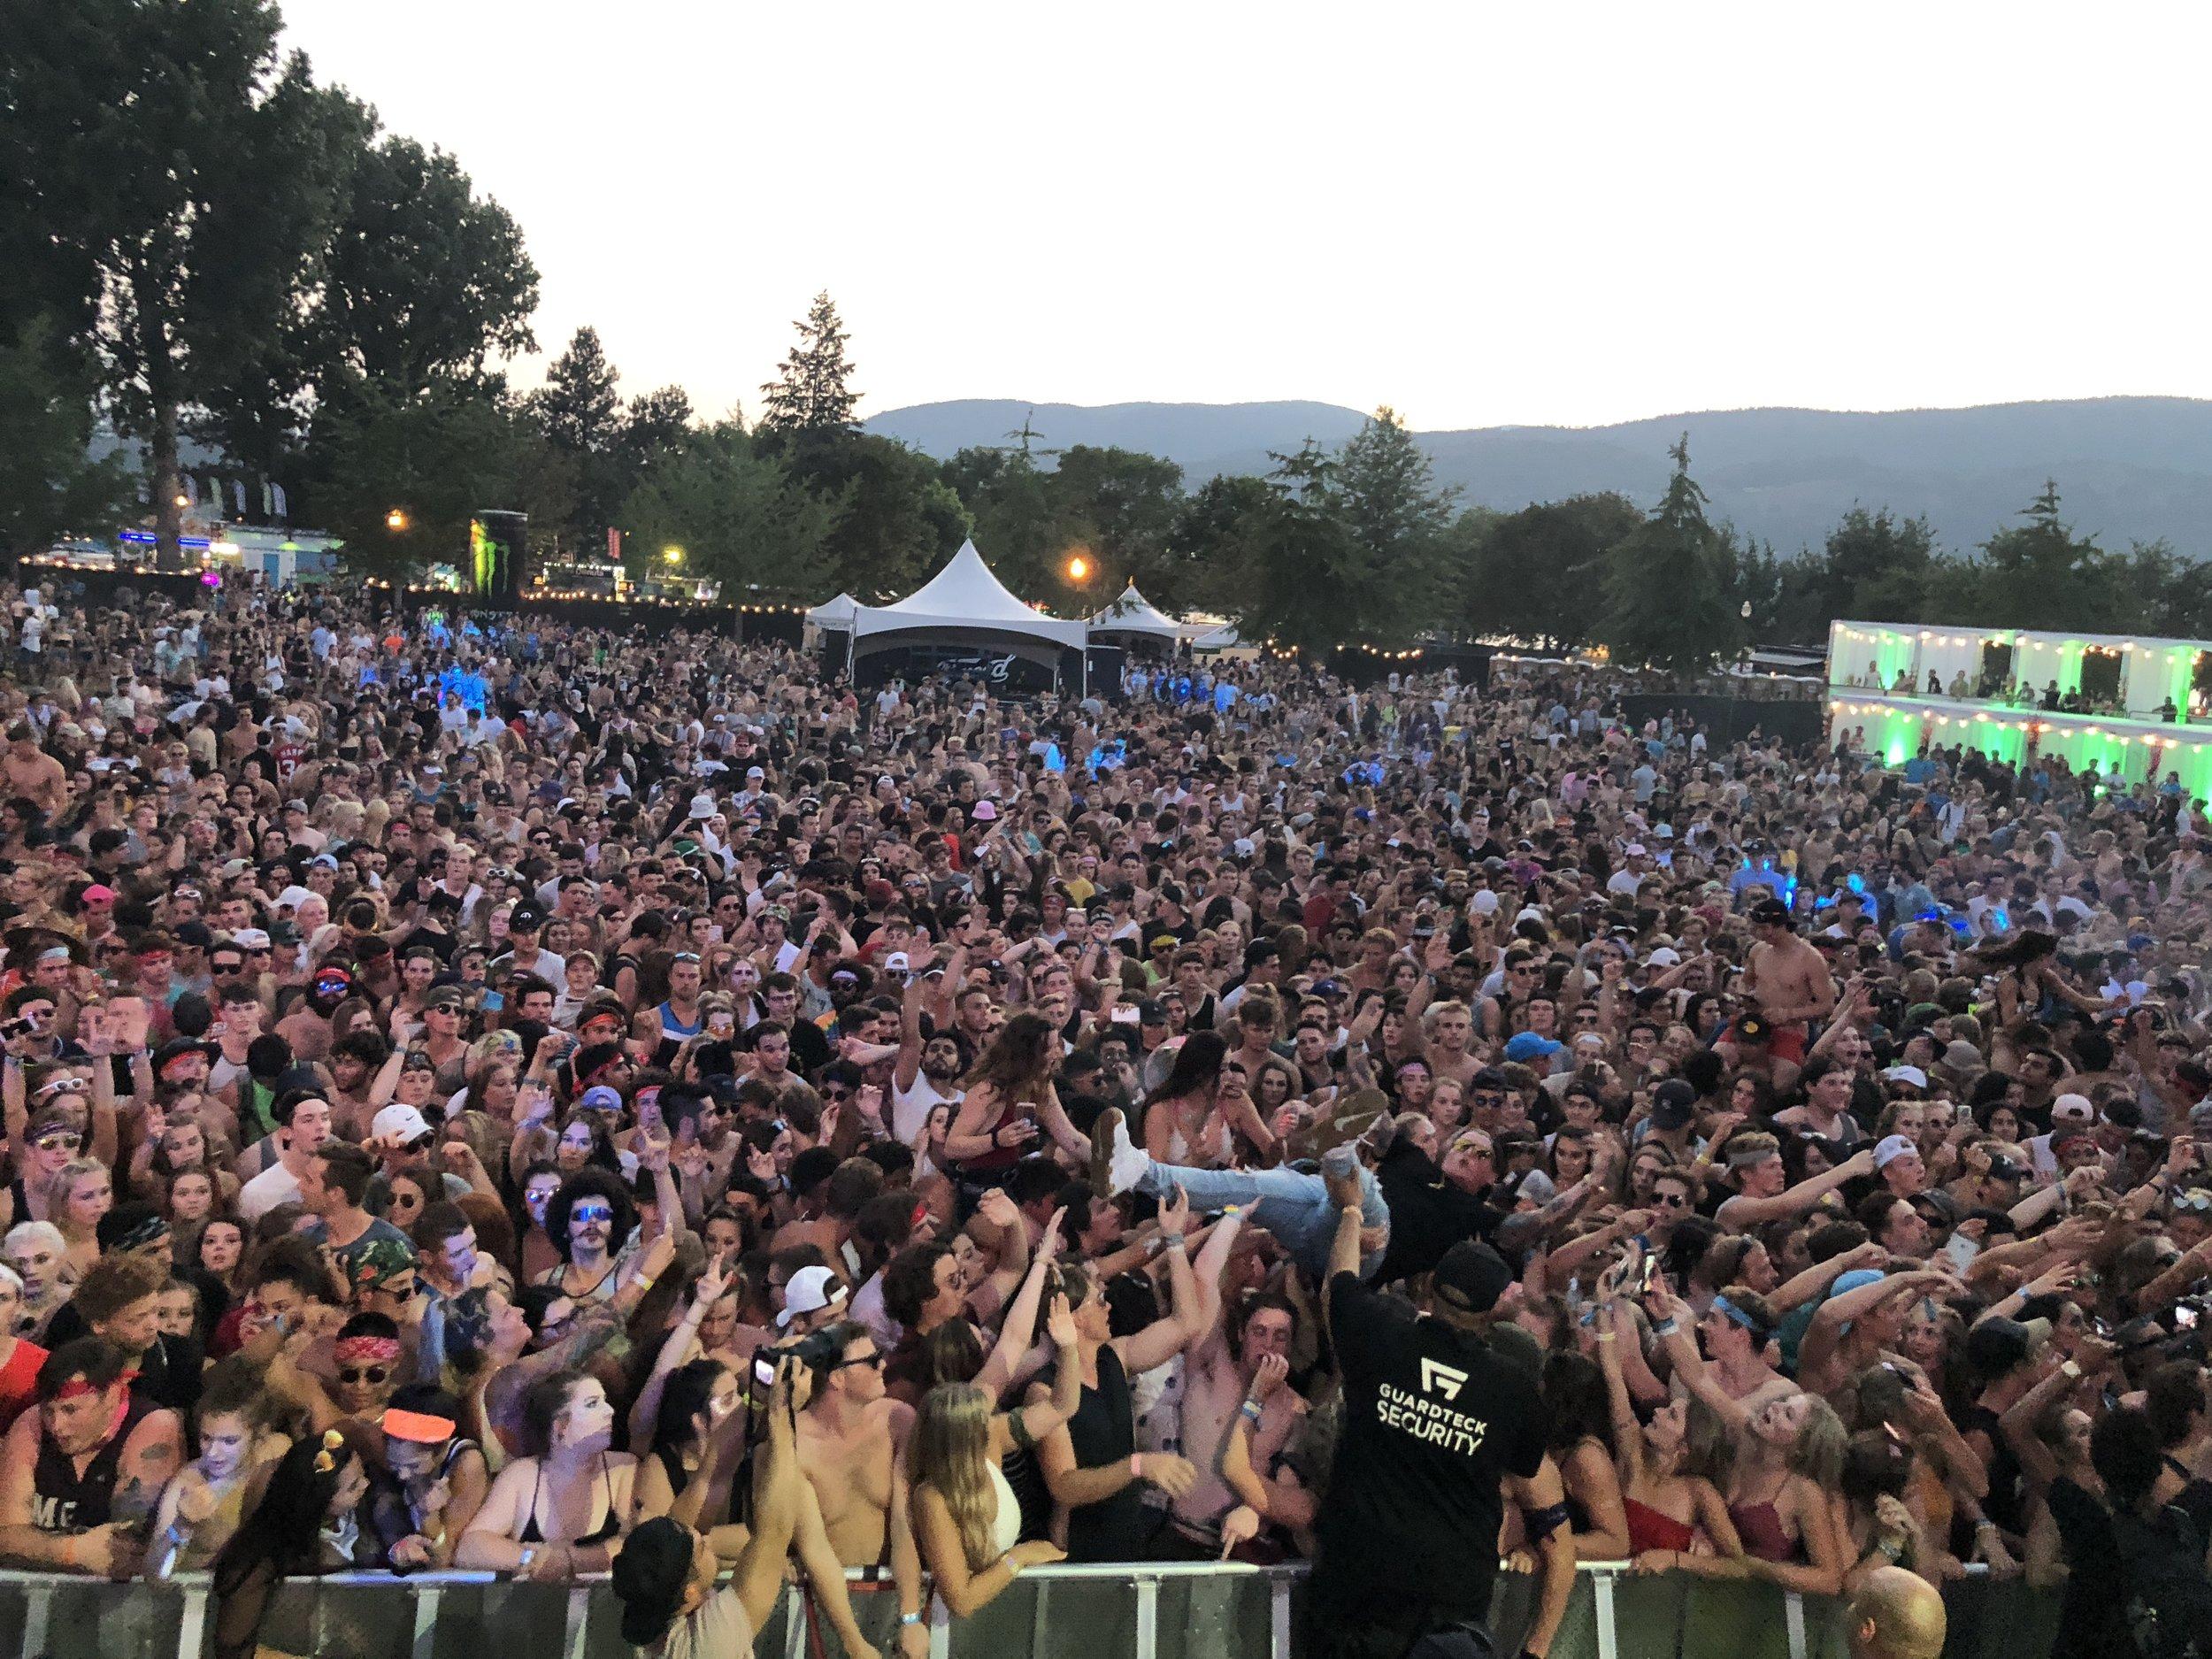 tassnata crowd surf